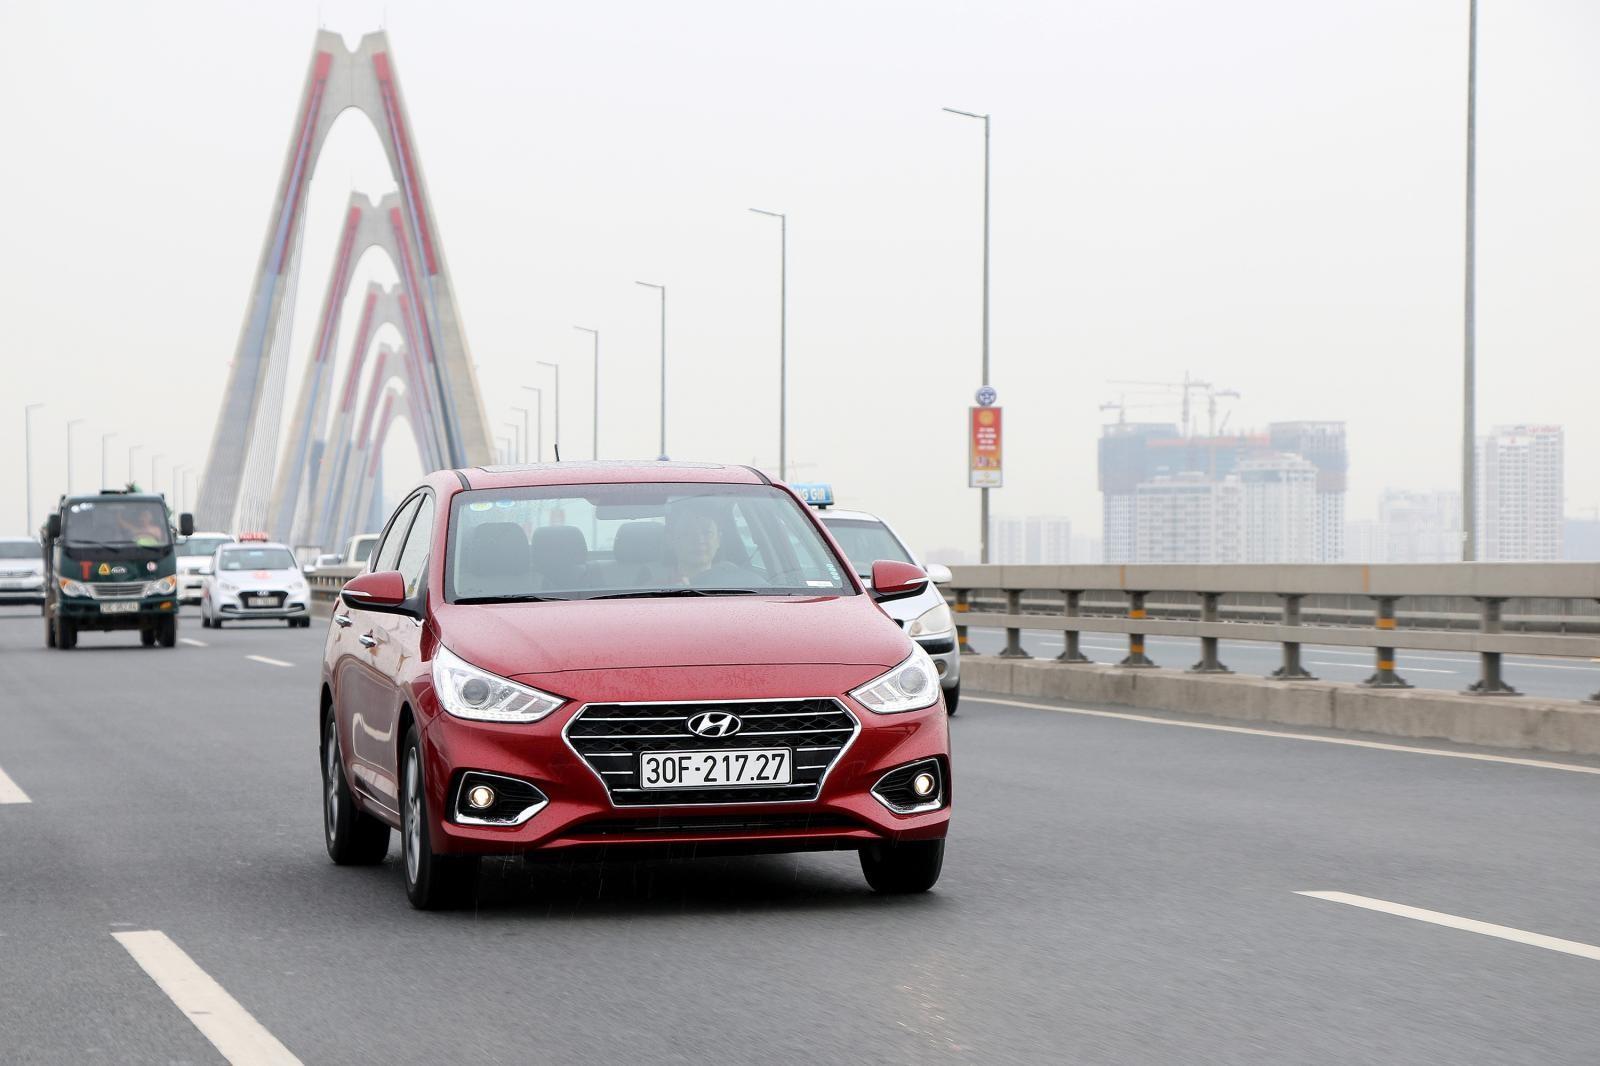 Hyundai Accent đang ngày càng có sức hút, thậm chí mẫu xe lắp ráp trong nước này hiện còn đang tăng giá khoảng 15 triệu đồng tại đại lý do sức mua của người dùng cao